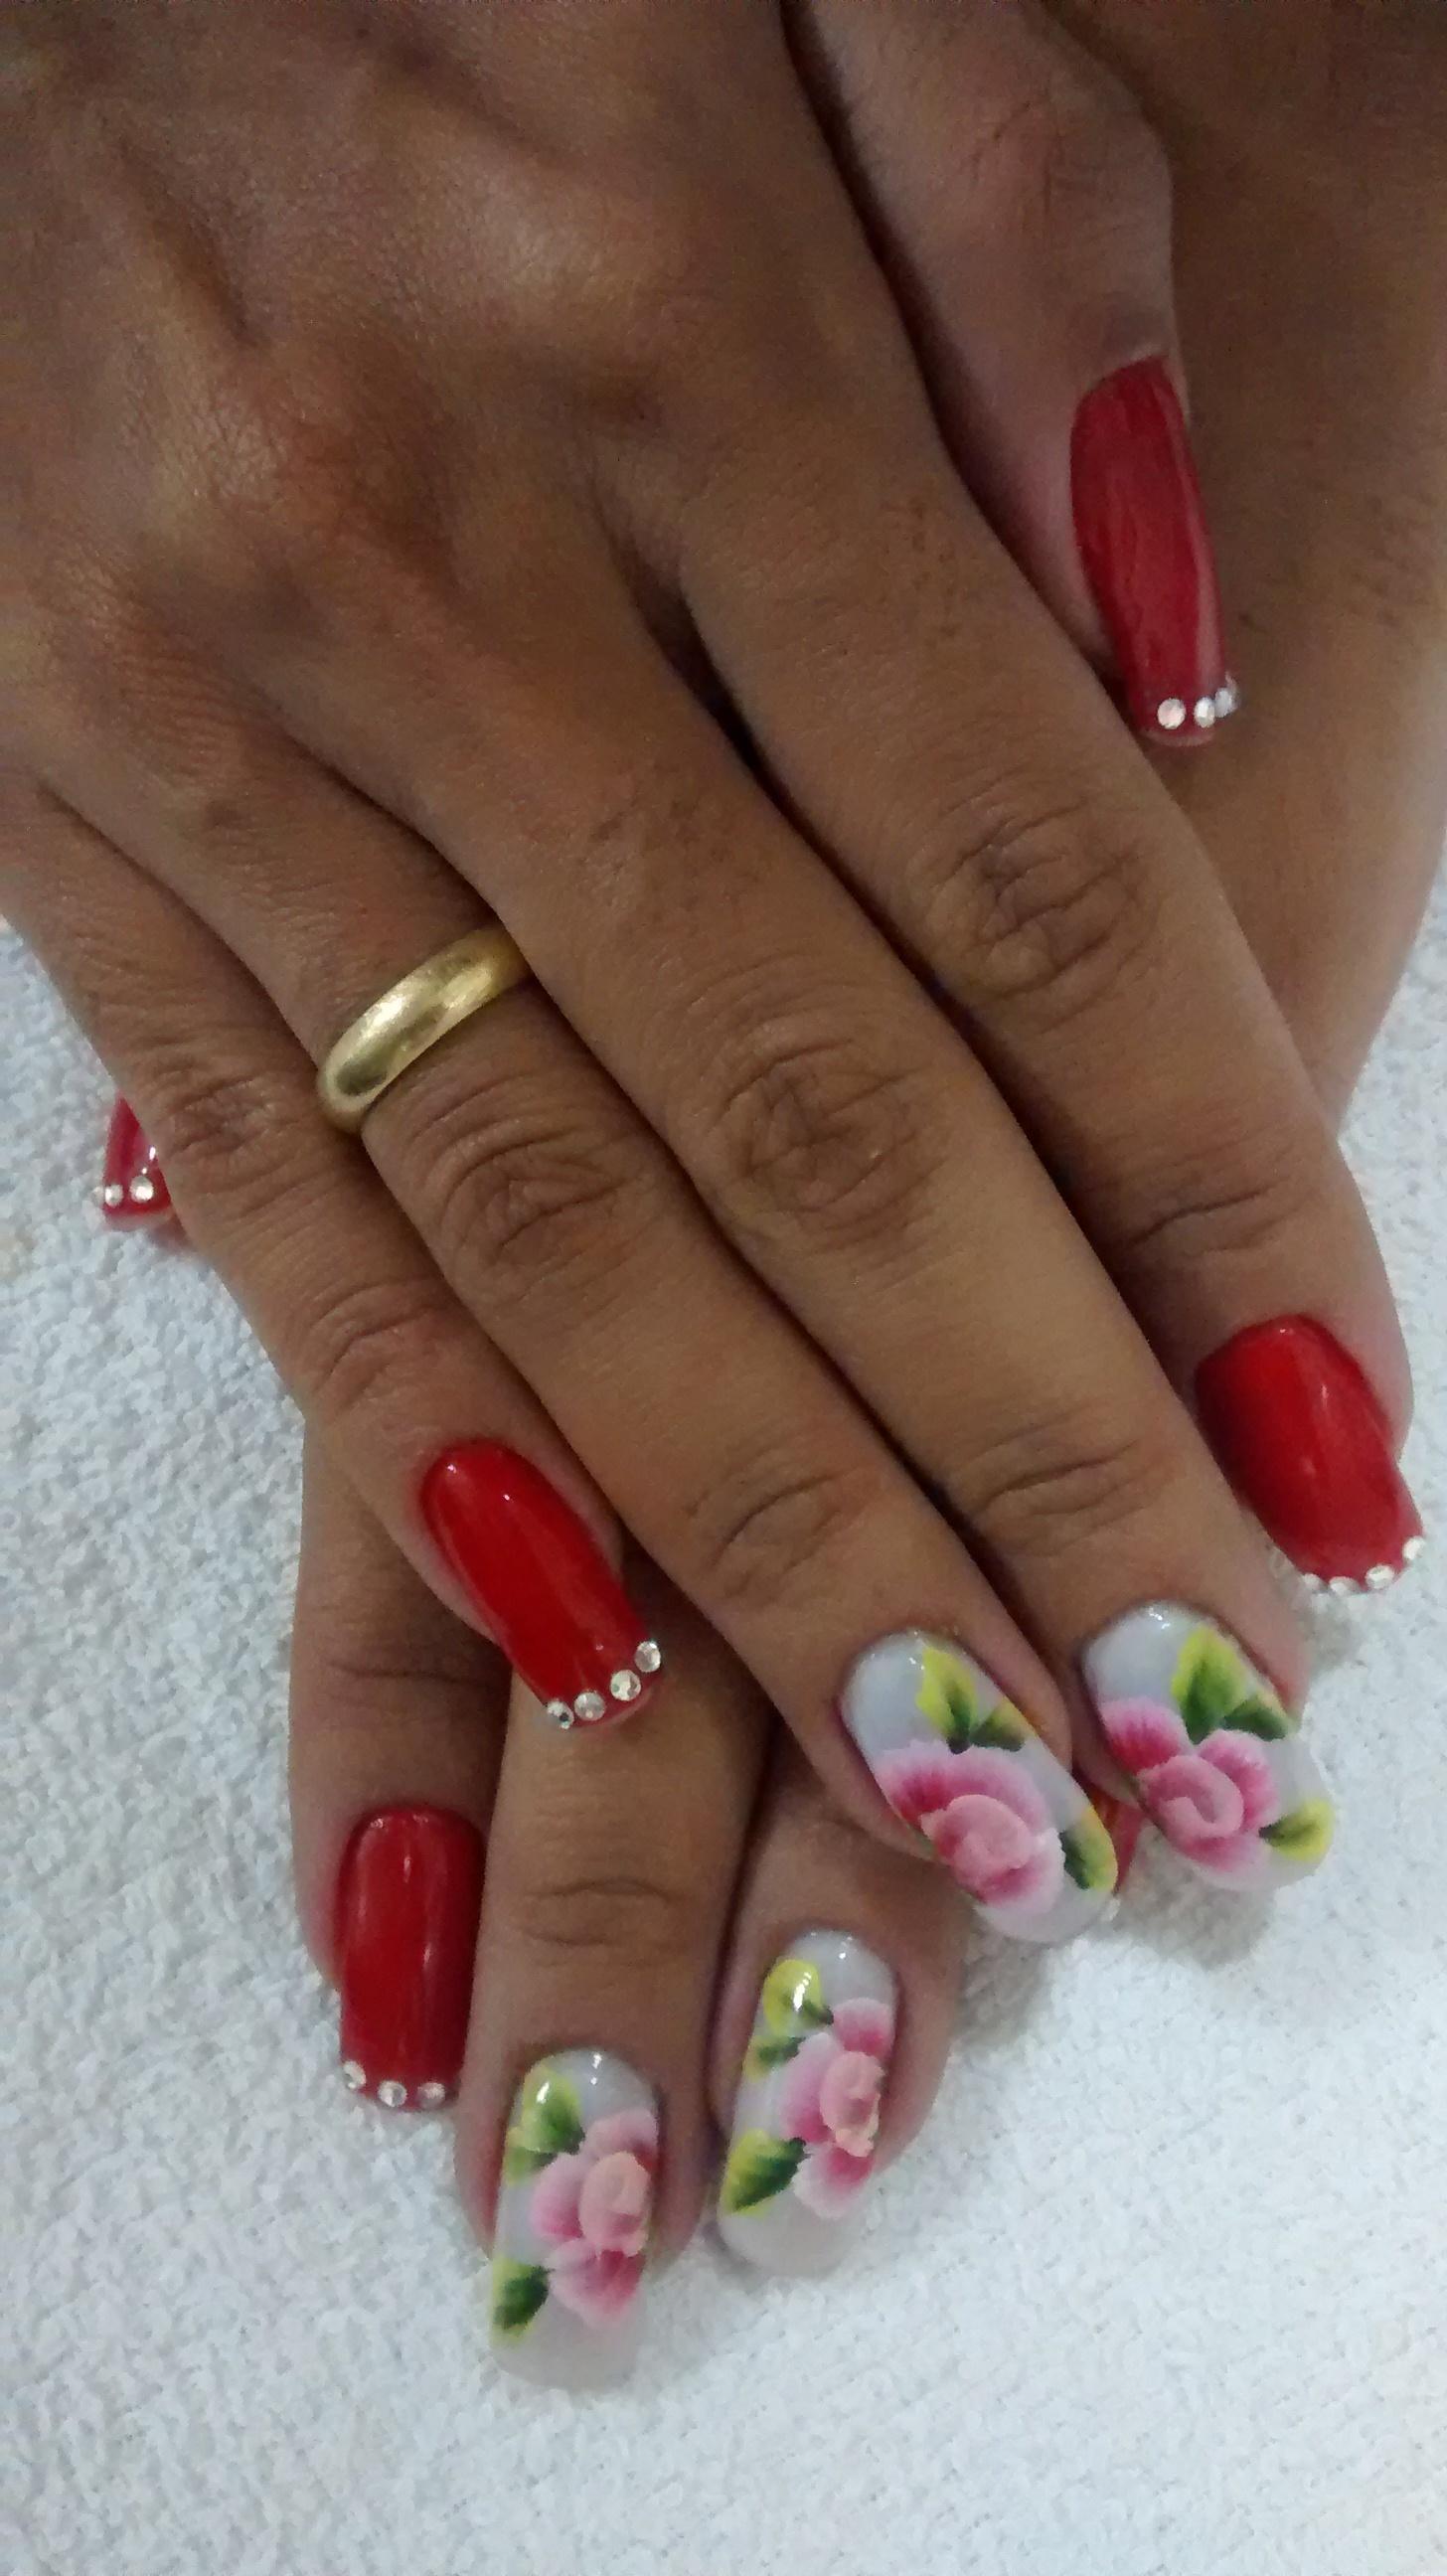 vermelho, strass, rosas unhas  manicure e pedicure